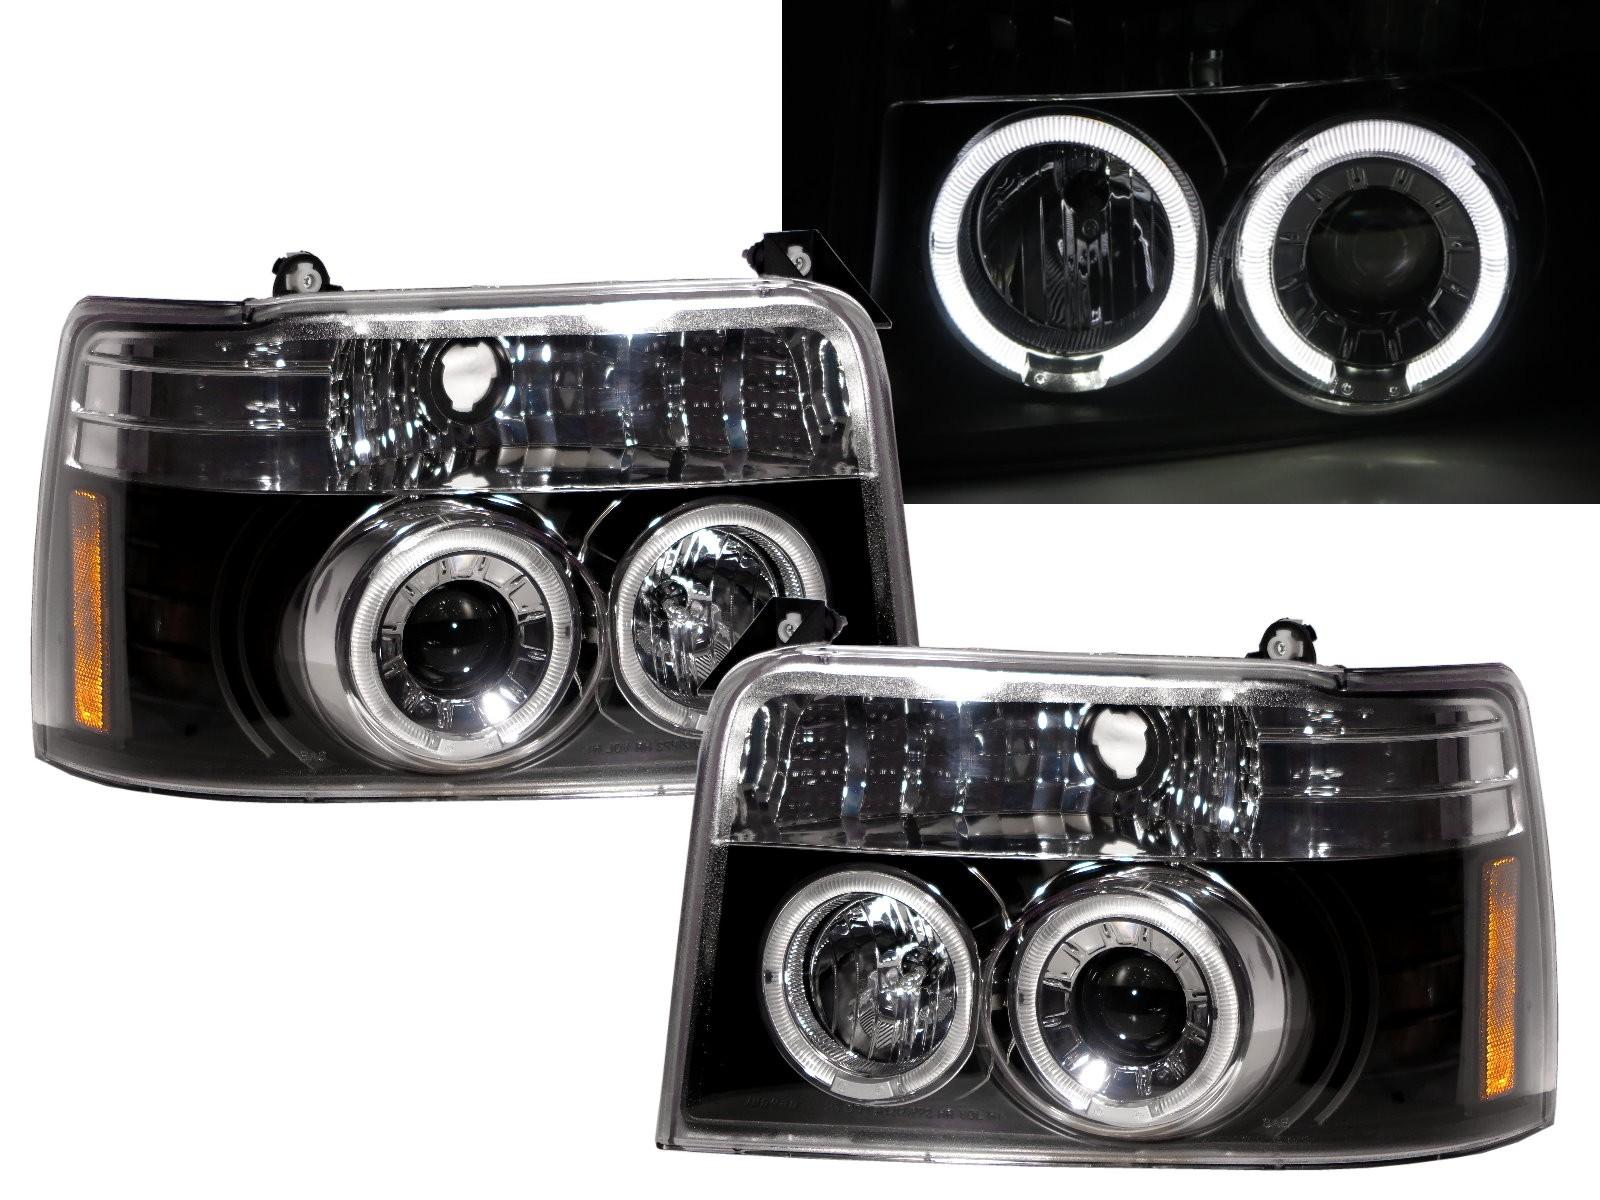 CrazyTheGod F-Series SuperDuty F150 Ninth generation 1992-1996 Angel-Eye Projector Headlight Headlamp Black for FORD LHD